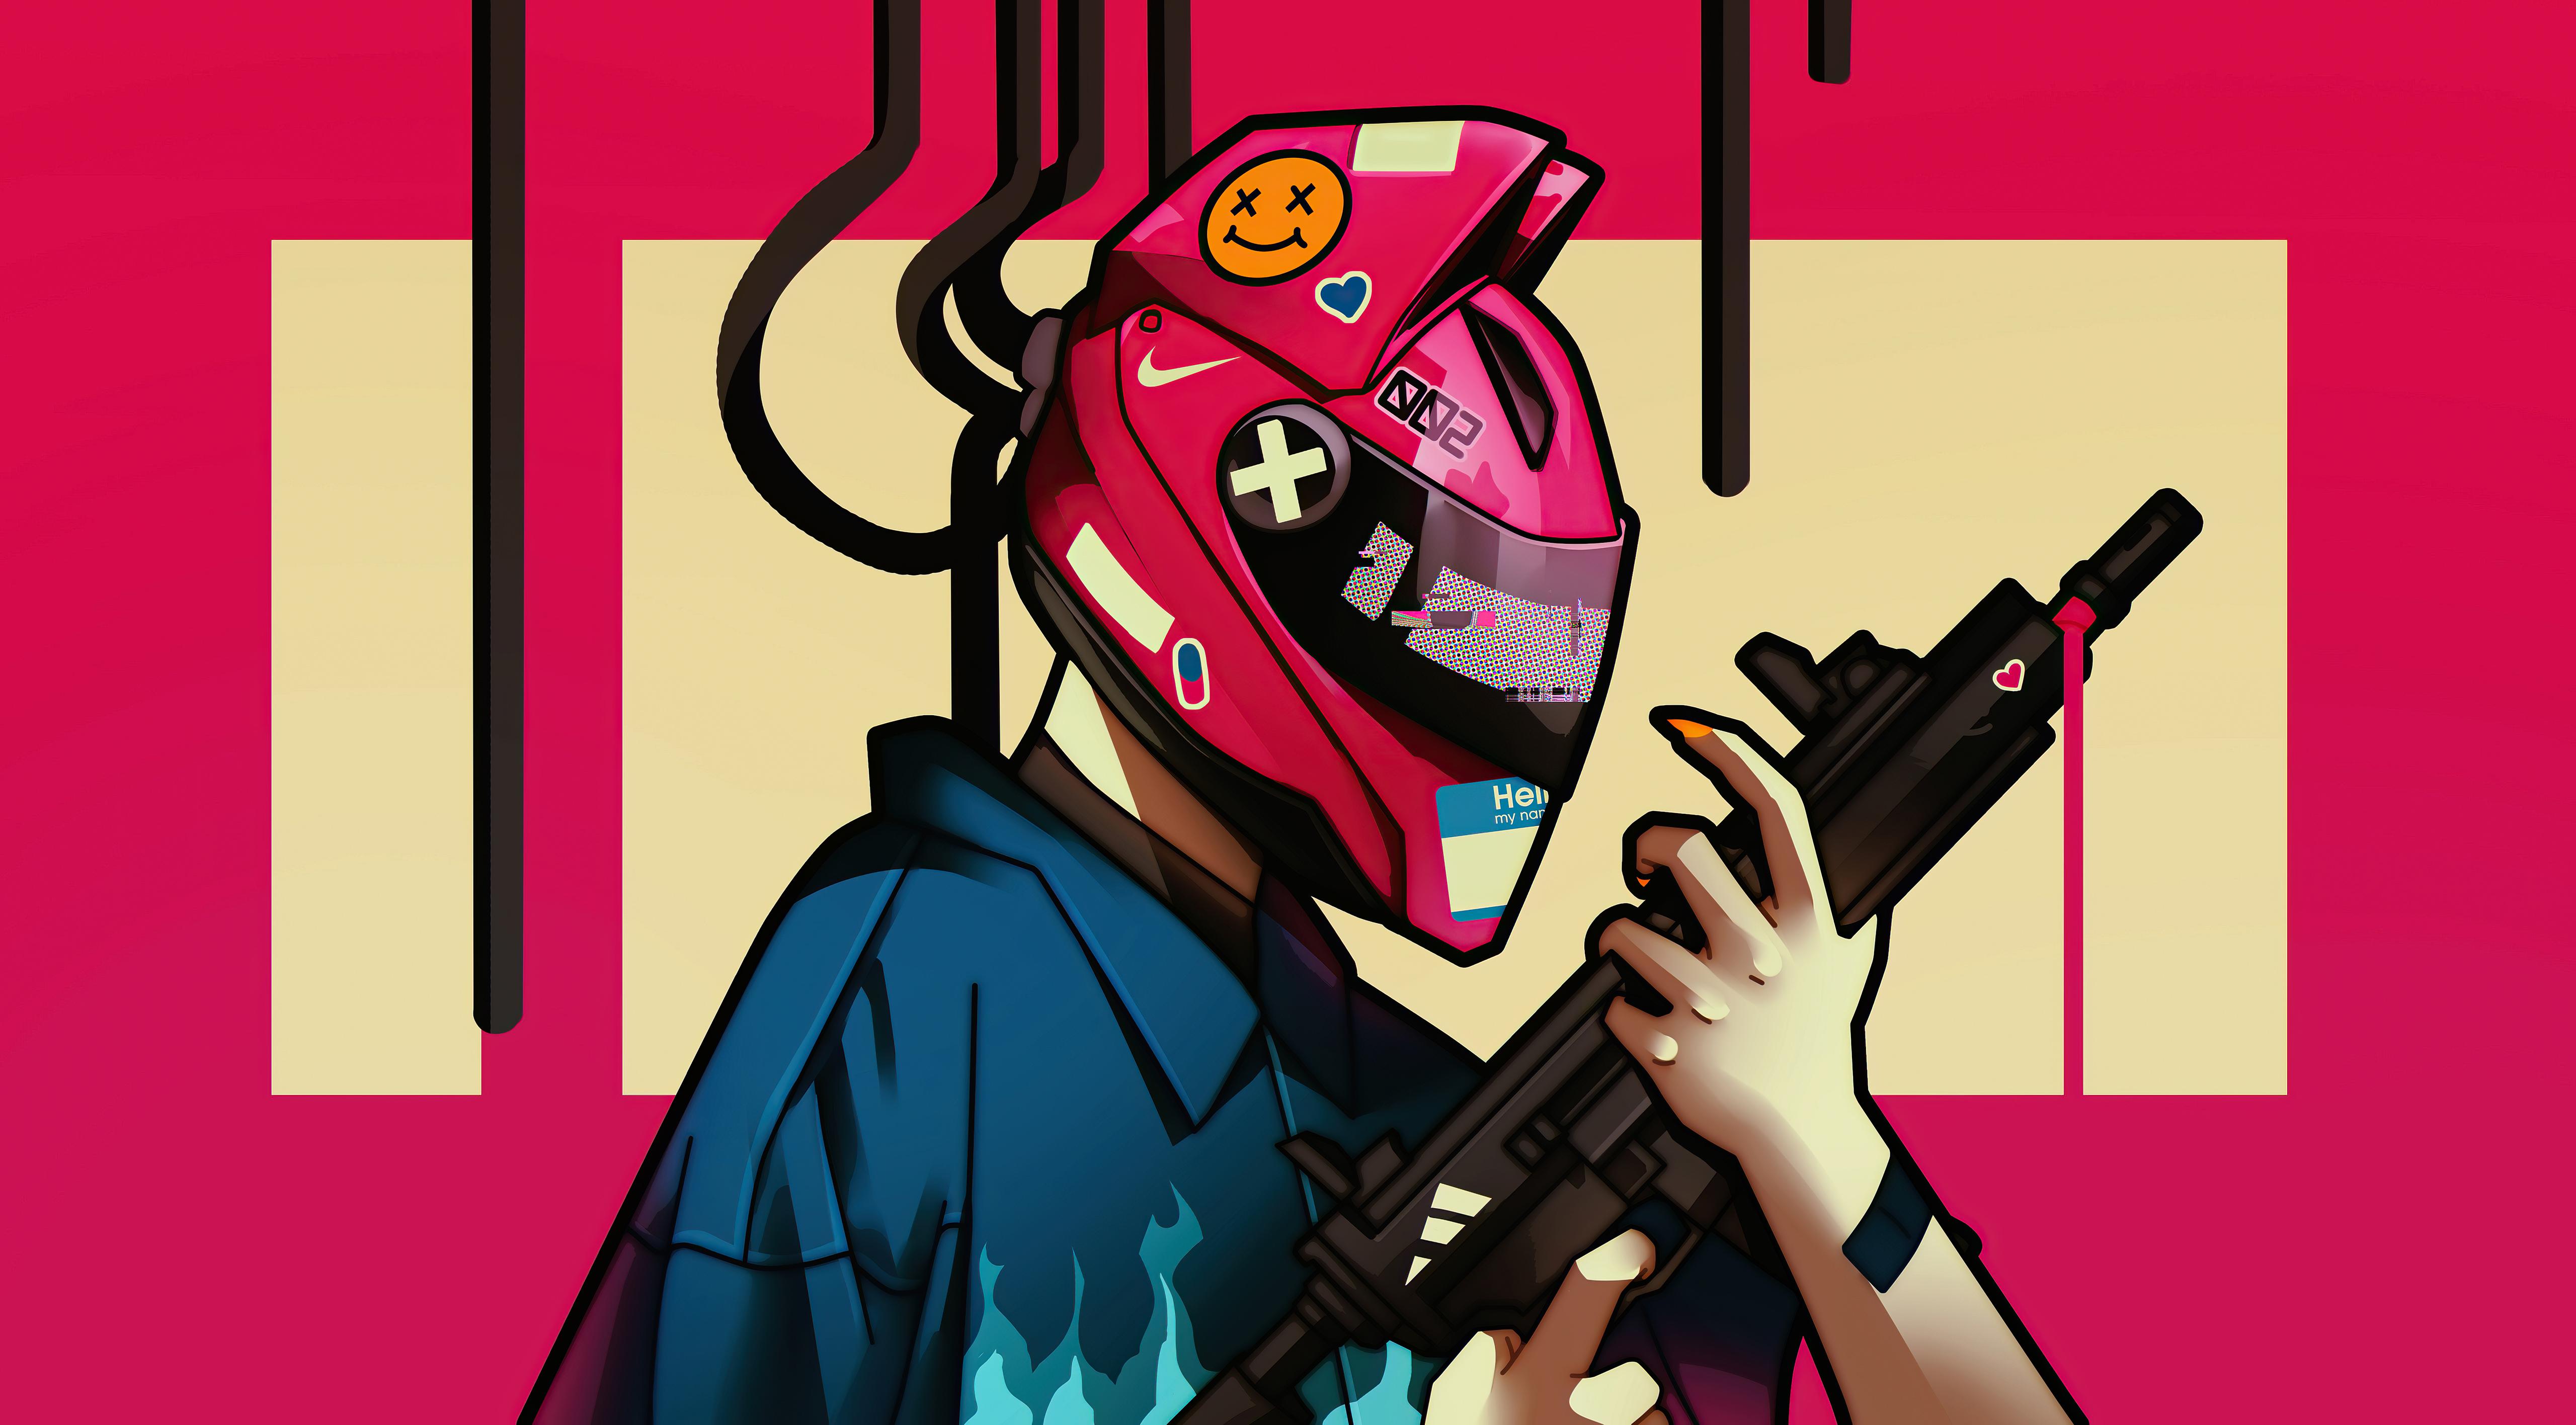 cyber girl helmet with gun 4k 1618130550 - Cyber Girl Helmet With Gun 4k - Cyber Girl Helmet With Gun 4k wallpapers